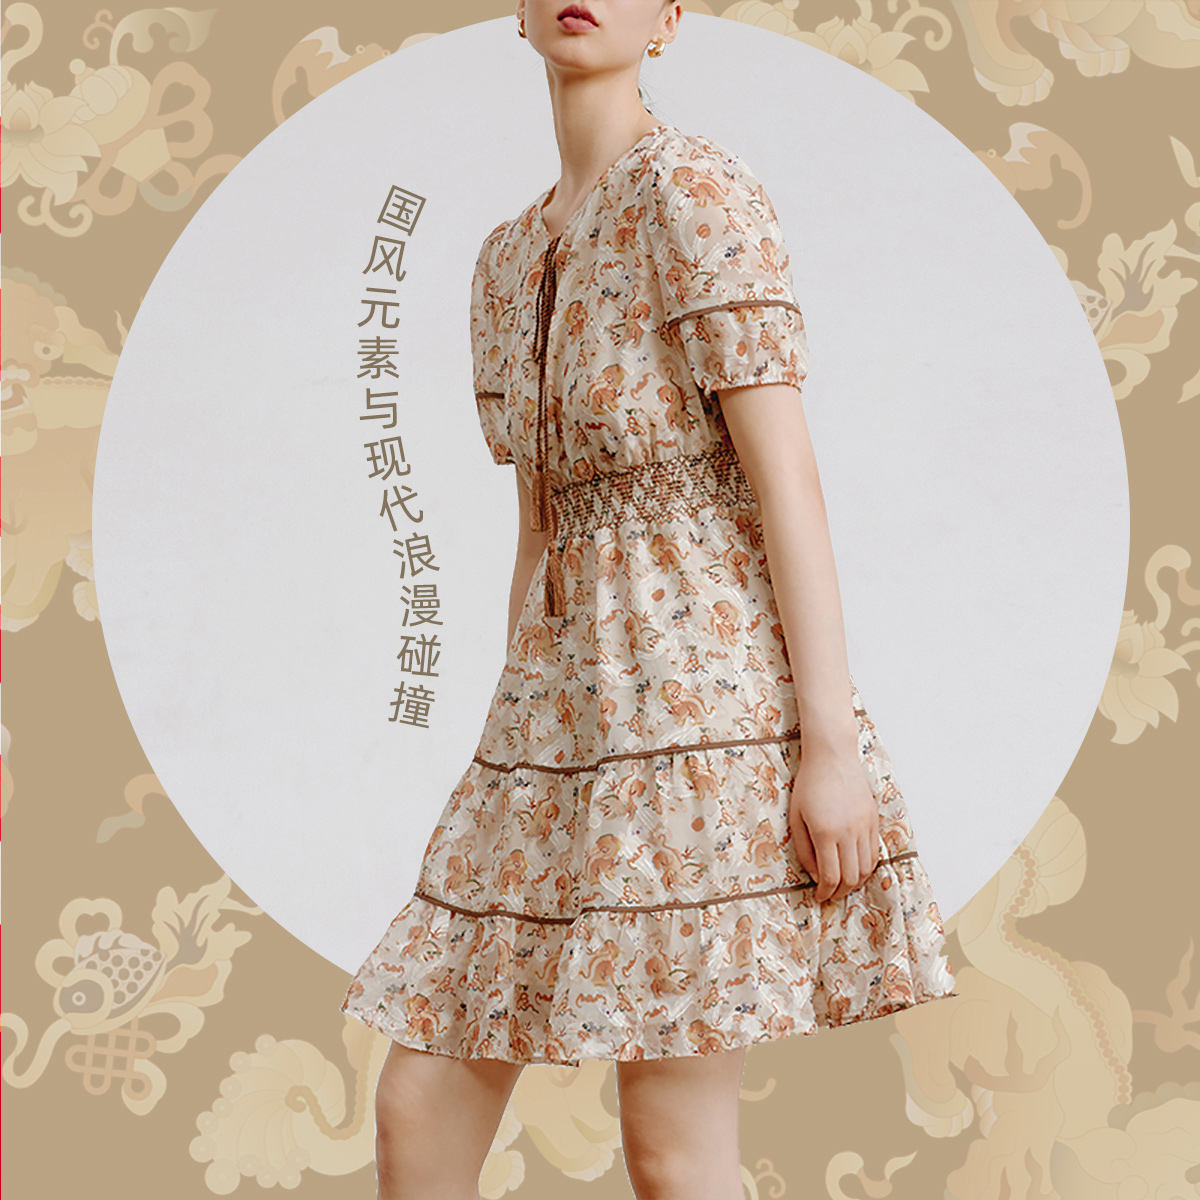 【天猫预售】【LILY X 纹藏】2021秋新款太狮少狮纹碎花连衣裙